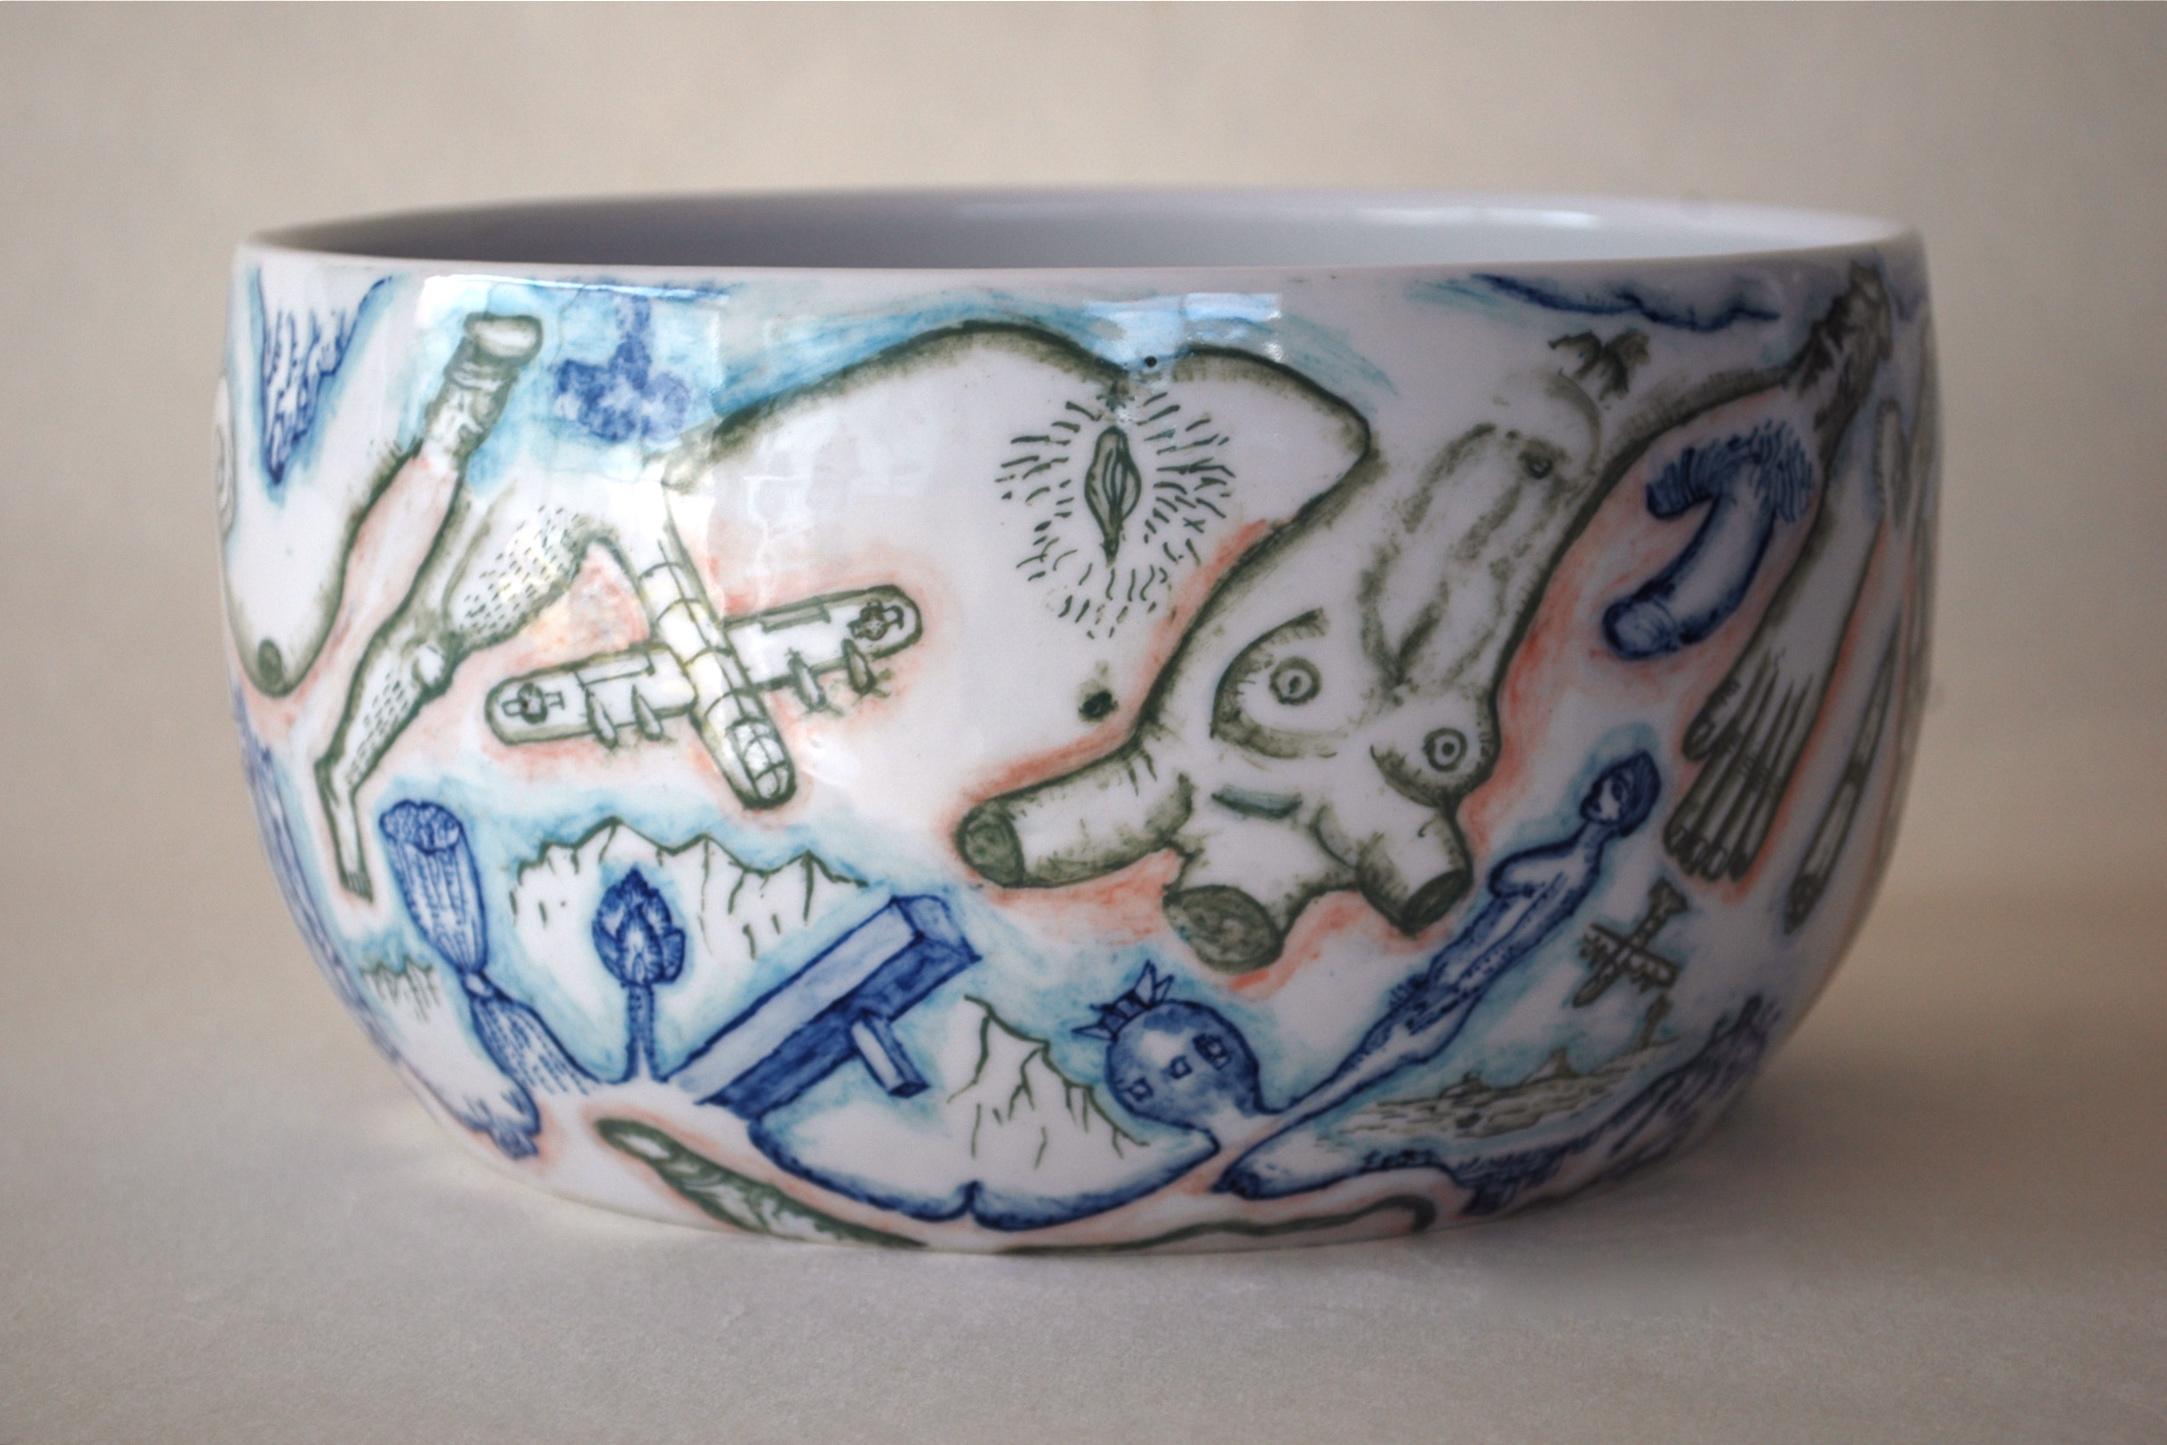 下絵鉢『戦争と平和の鉢』別方向より